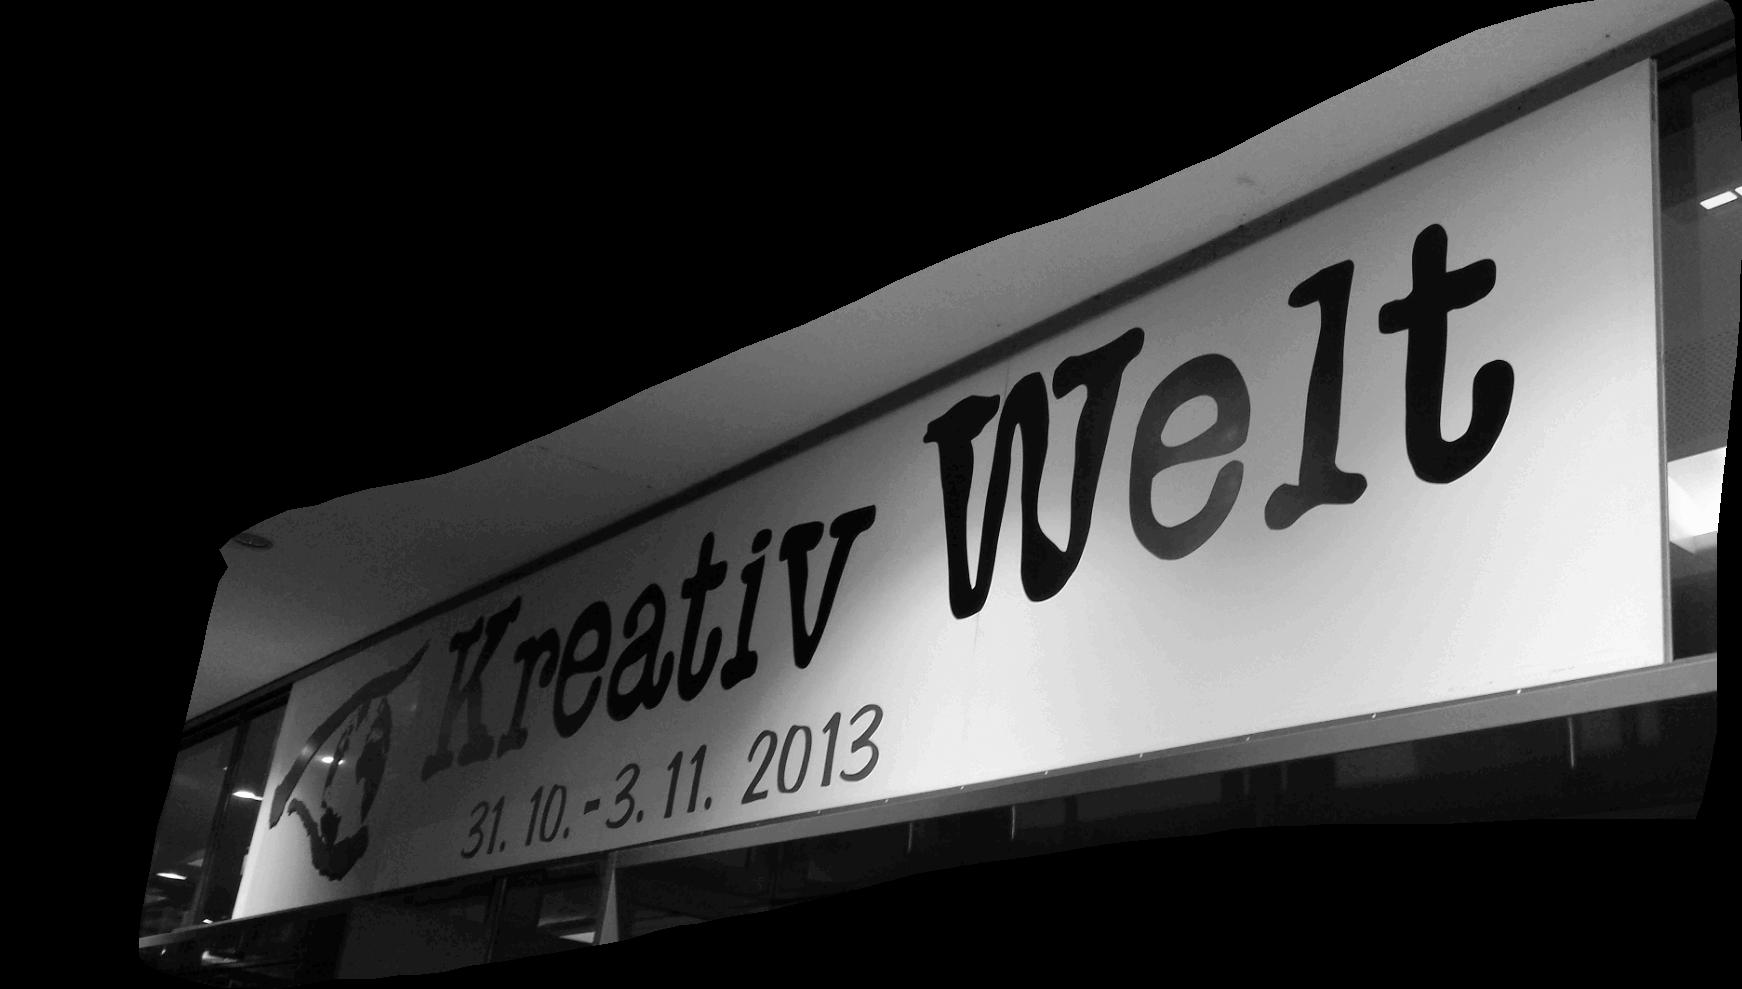 Kreativmesse Wiesbaden